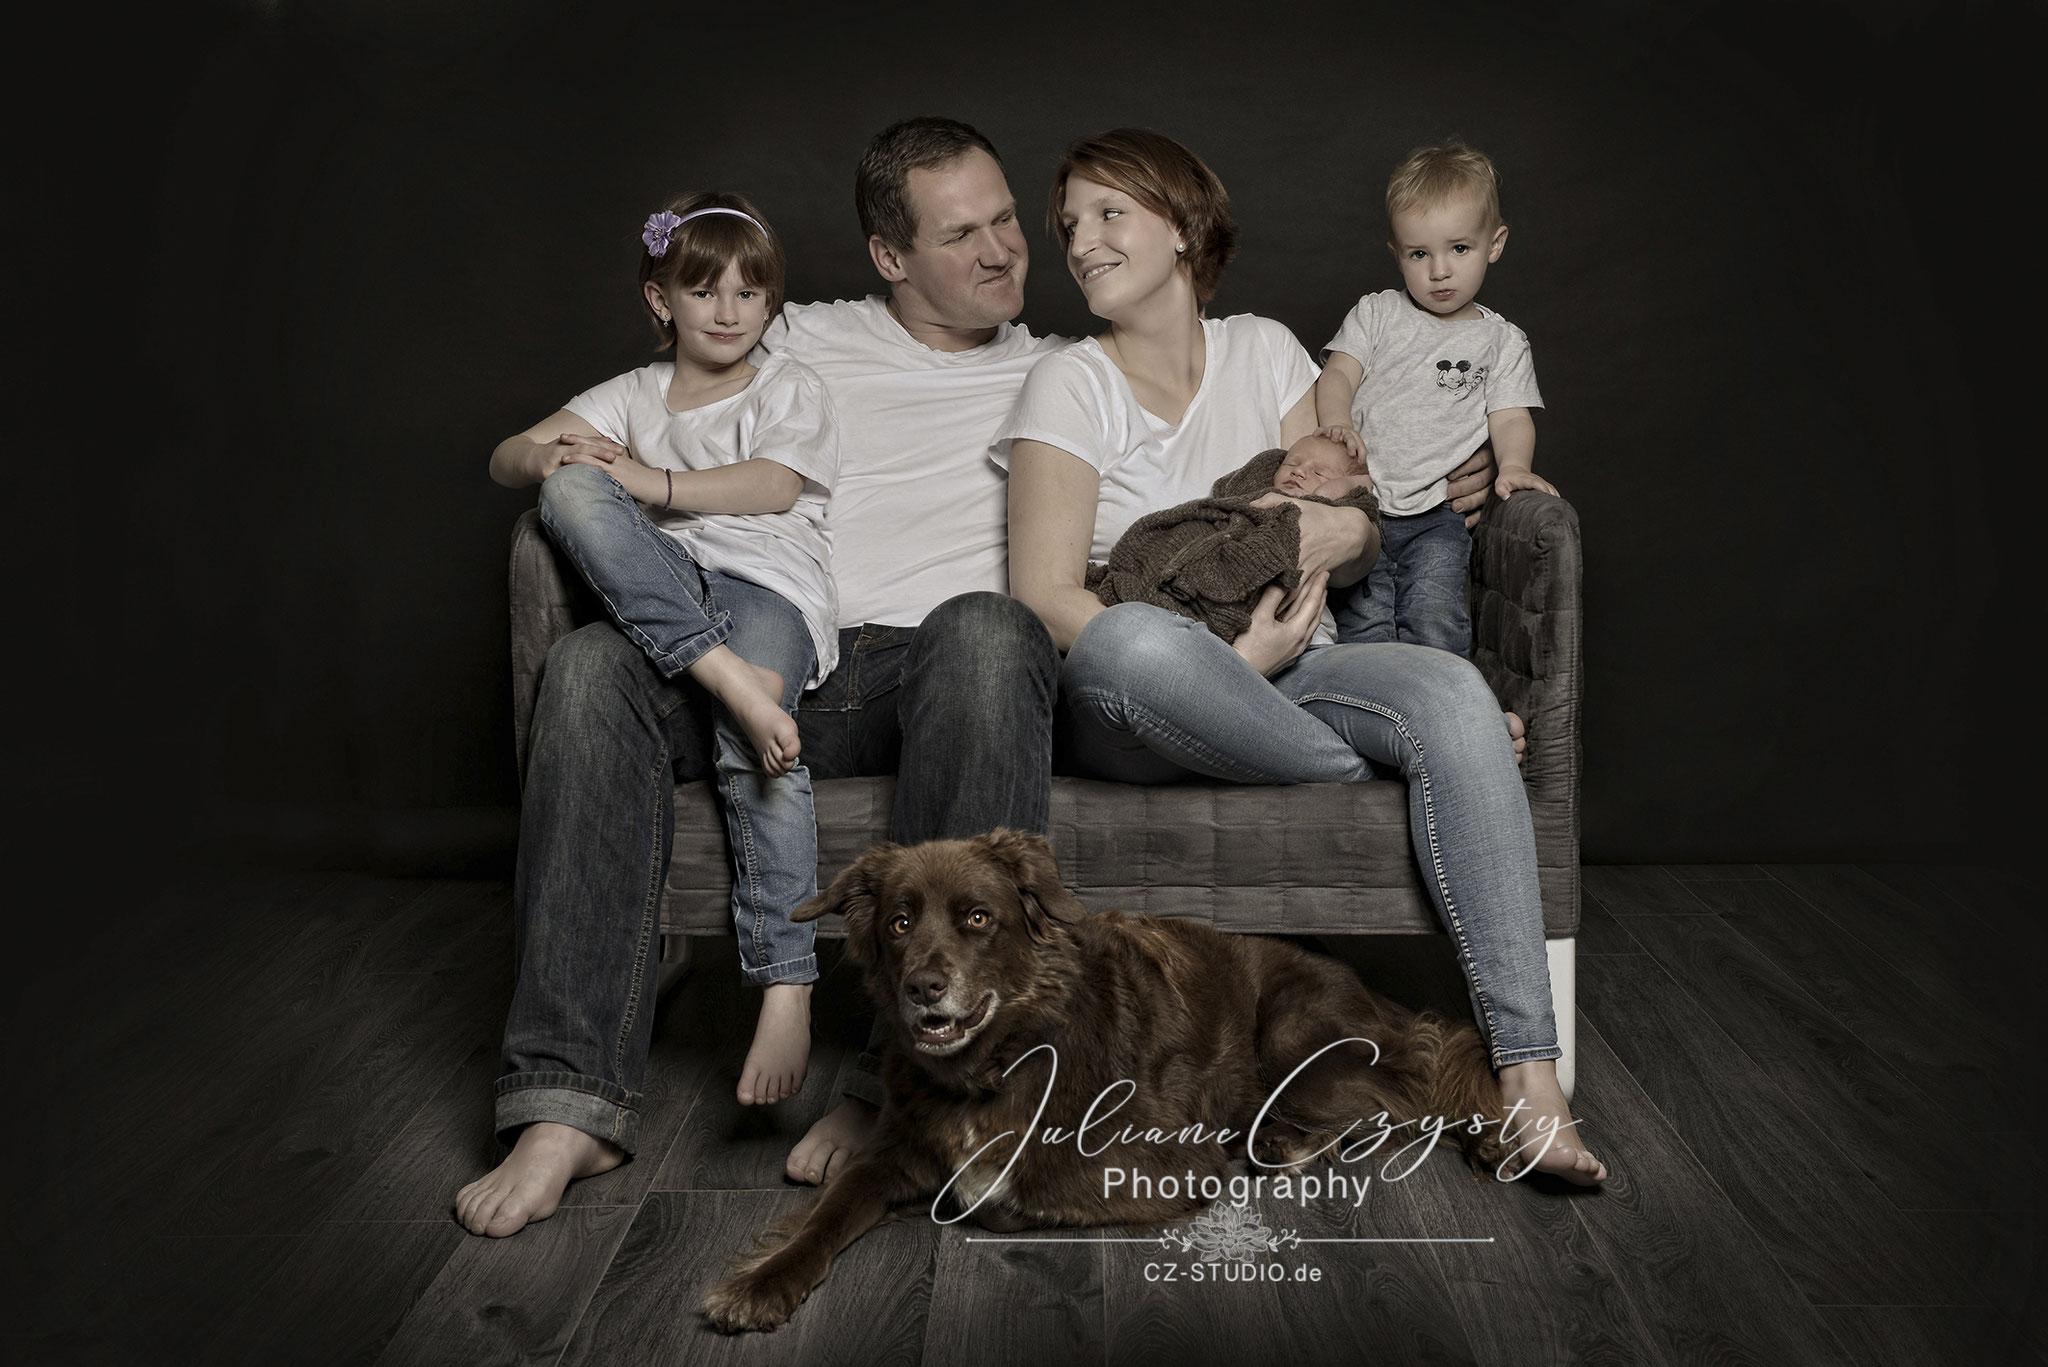 Moderne Familienfotos - Juliane Czysty, Fotostudio im Landkreis ROW